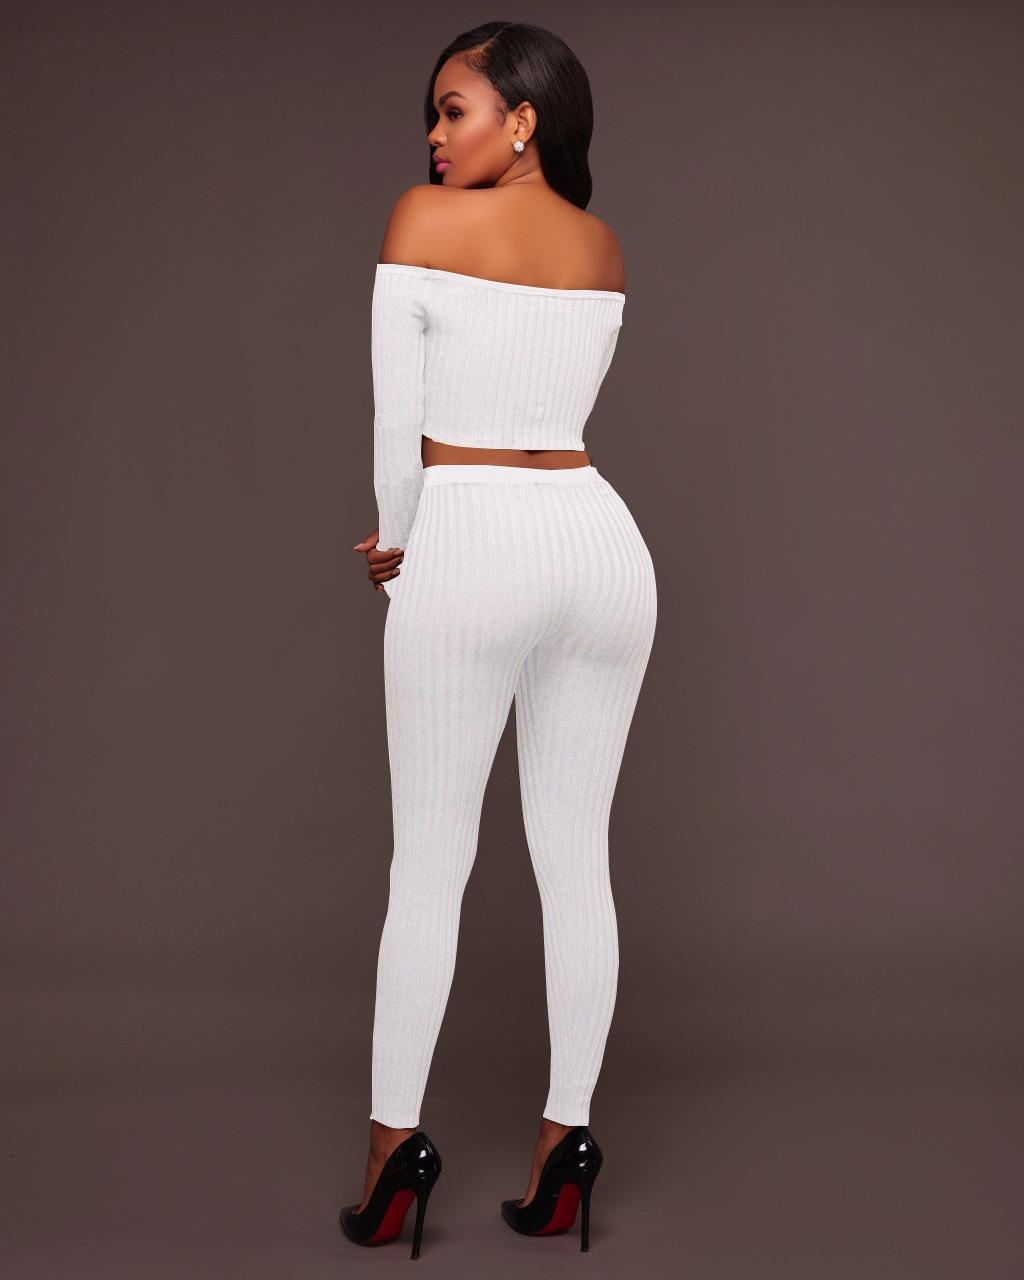 sexy haute élastique fil sans manches à manches longues t shirt pantalon deux pièces ensembles femmes, plus la taille s-2xl printemps automne pantalon club costumes